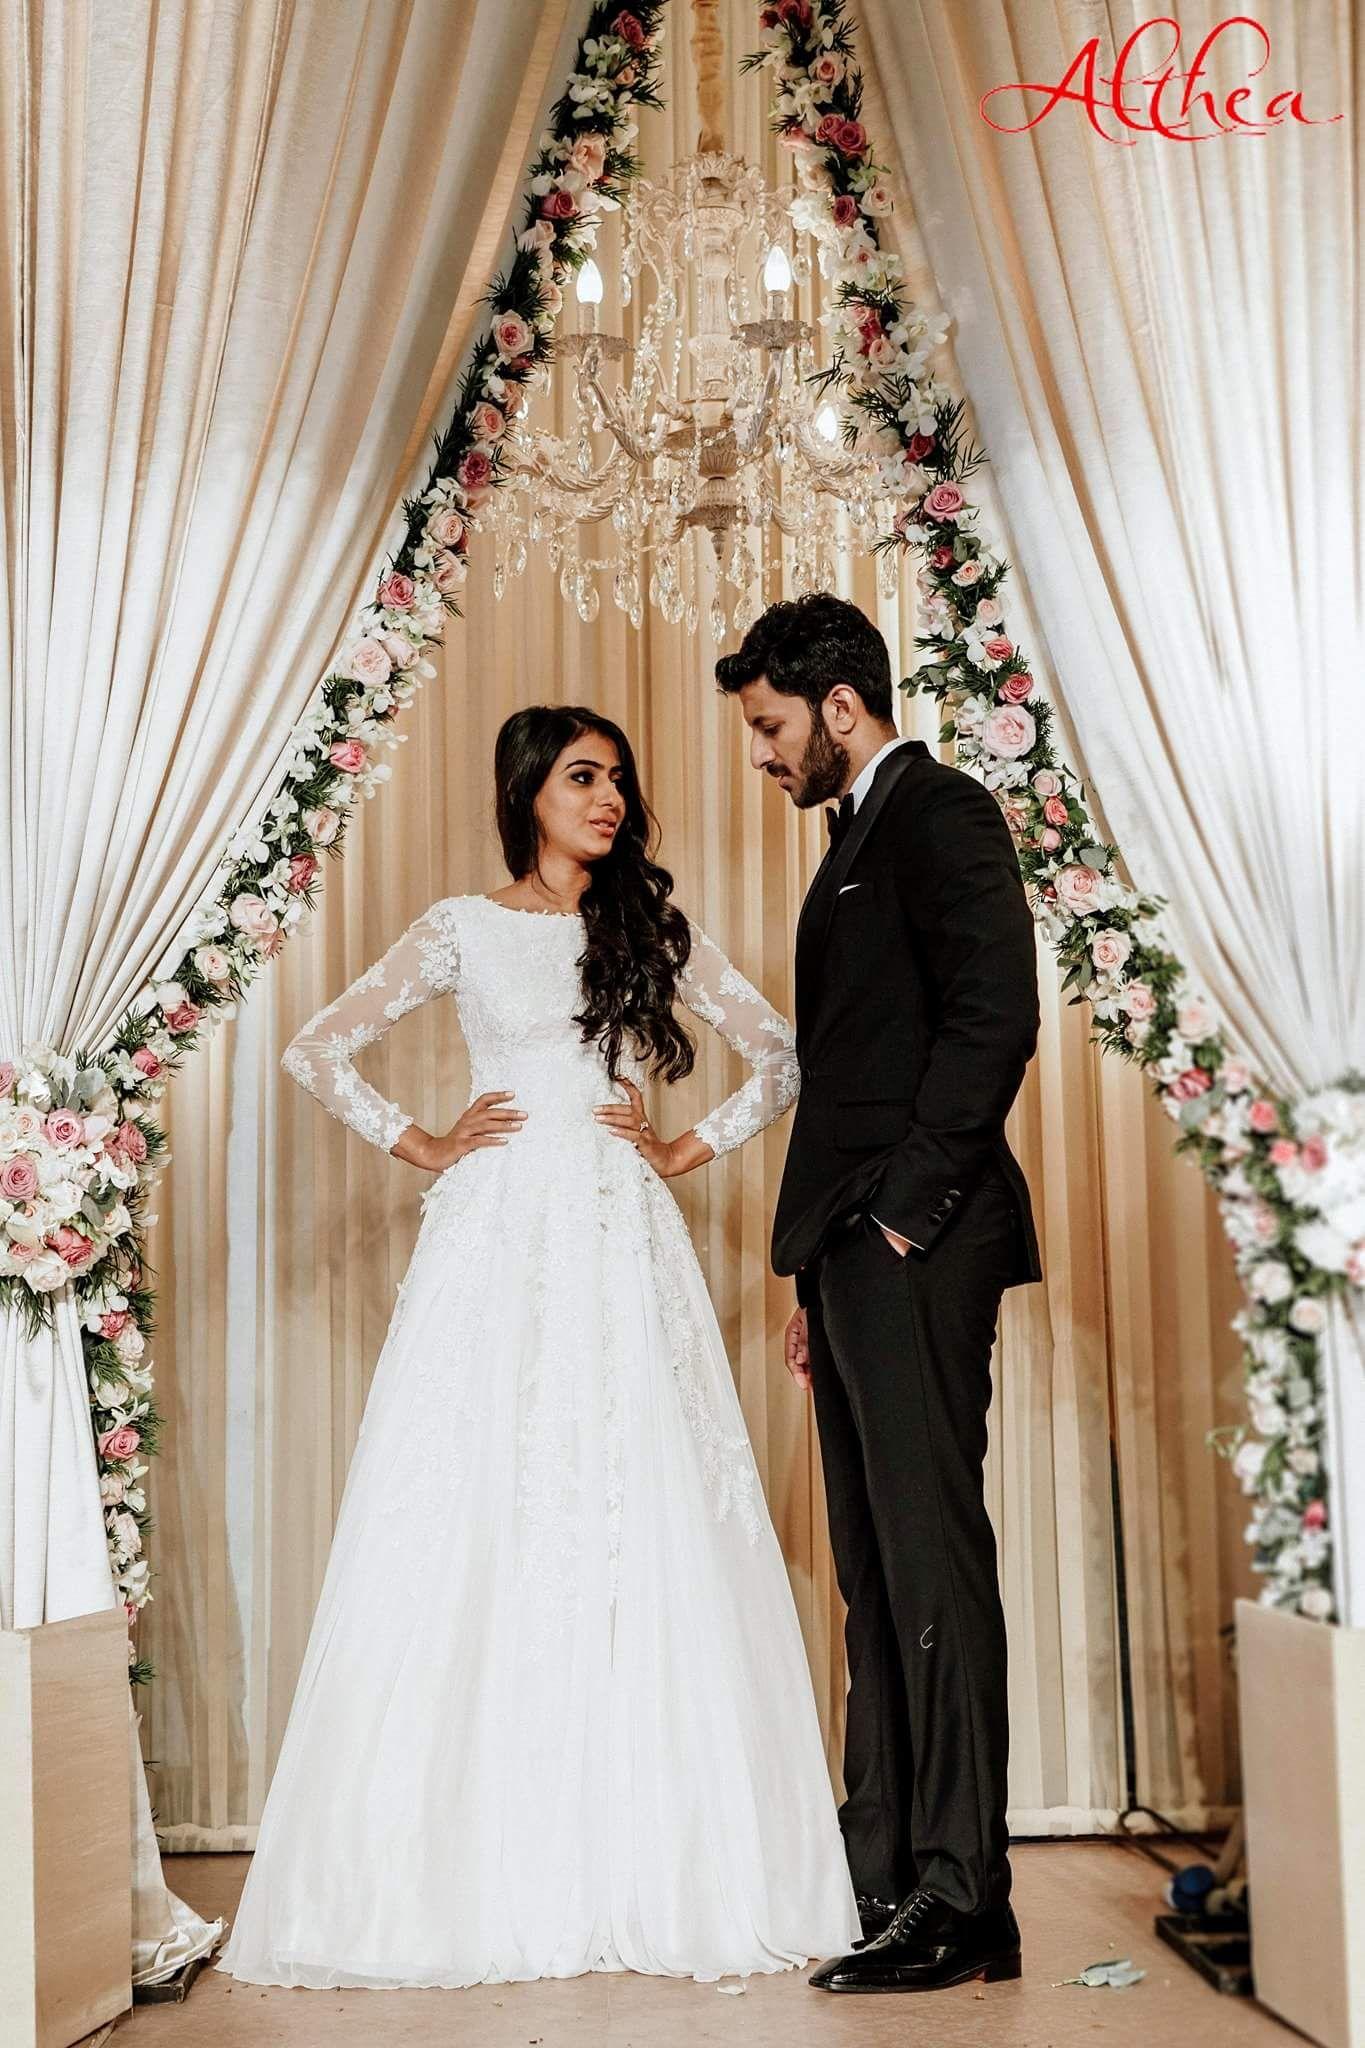 Wedding Christian Wedding Gowns Christian Wedding Dress